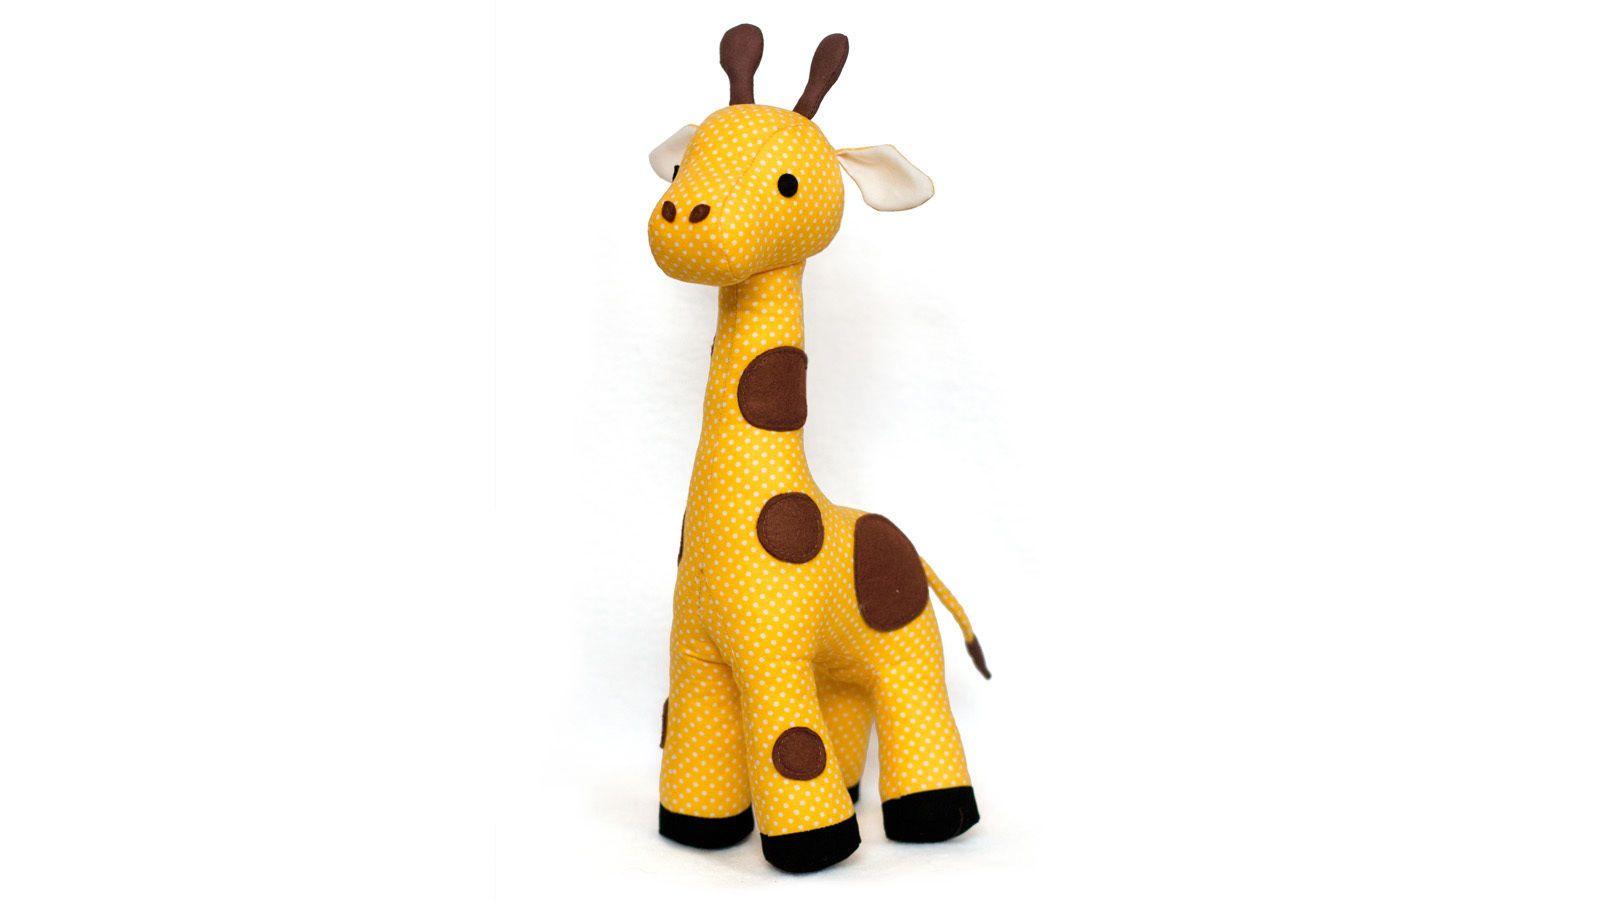 Nähanleitung und Schnittmuster Stofftier Giraffe | Stofftiere ...